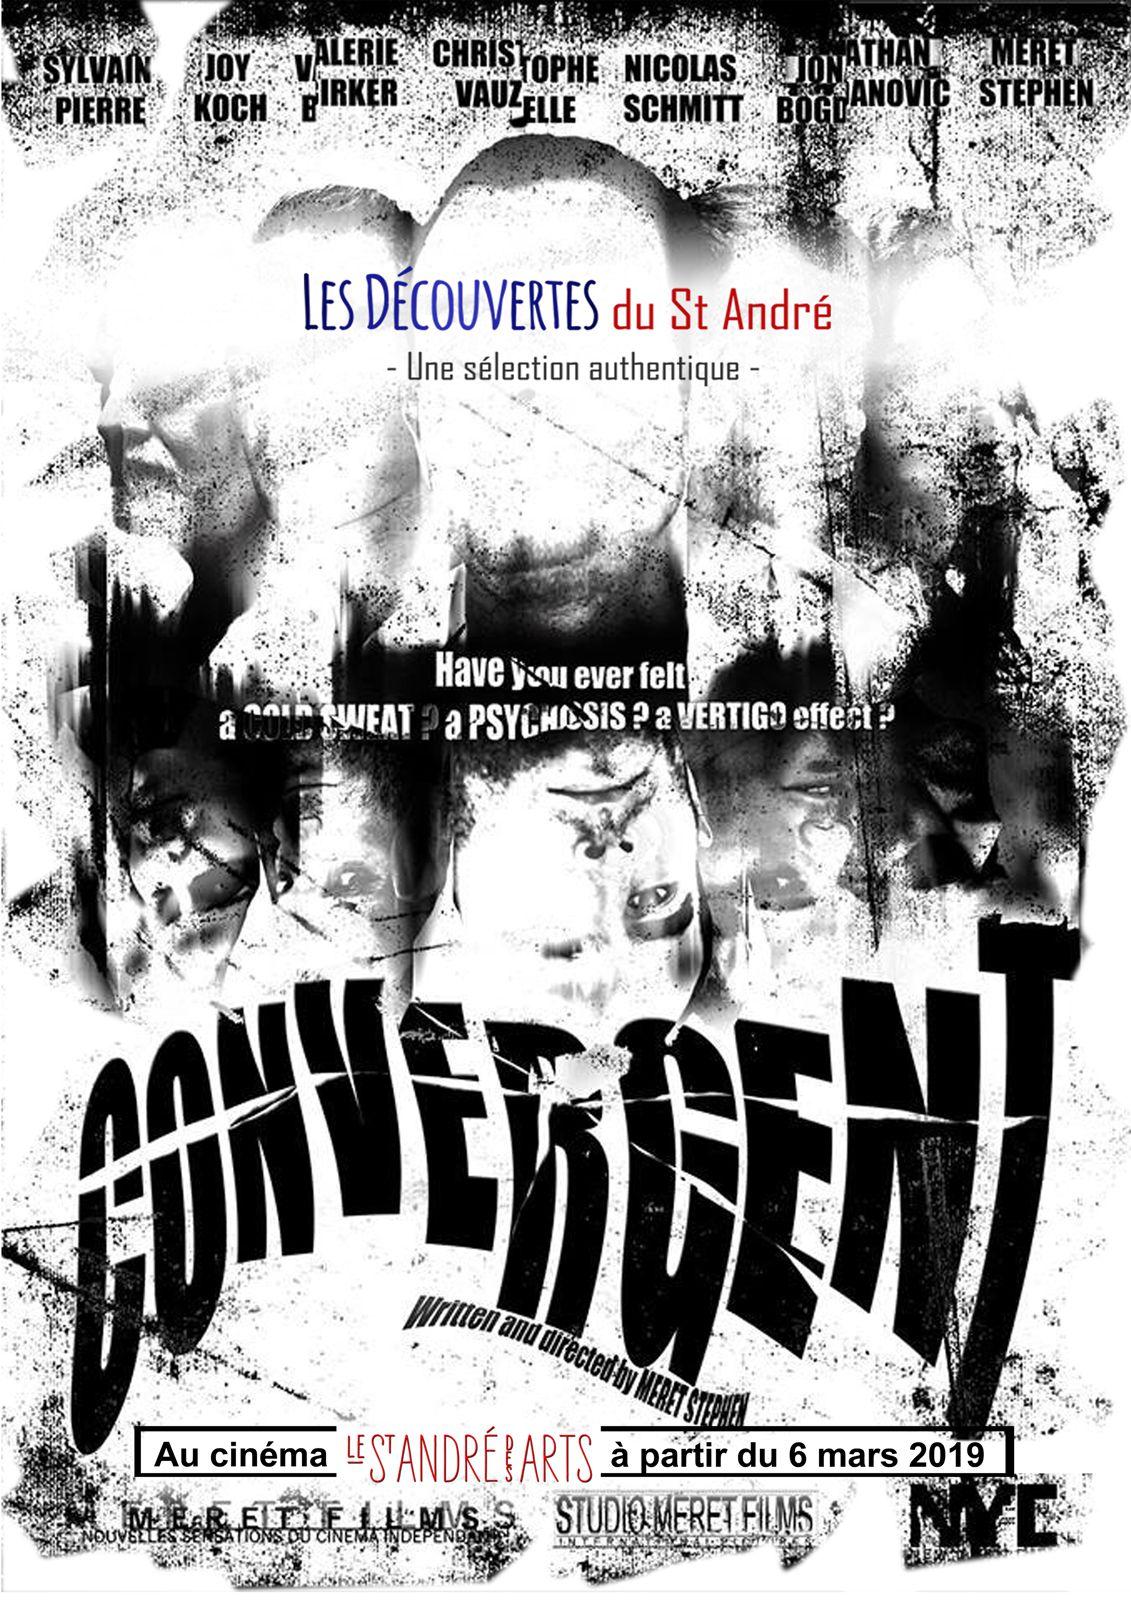 Convergent - Film (2016)